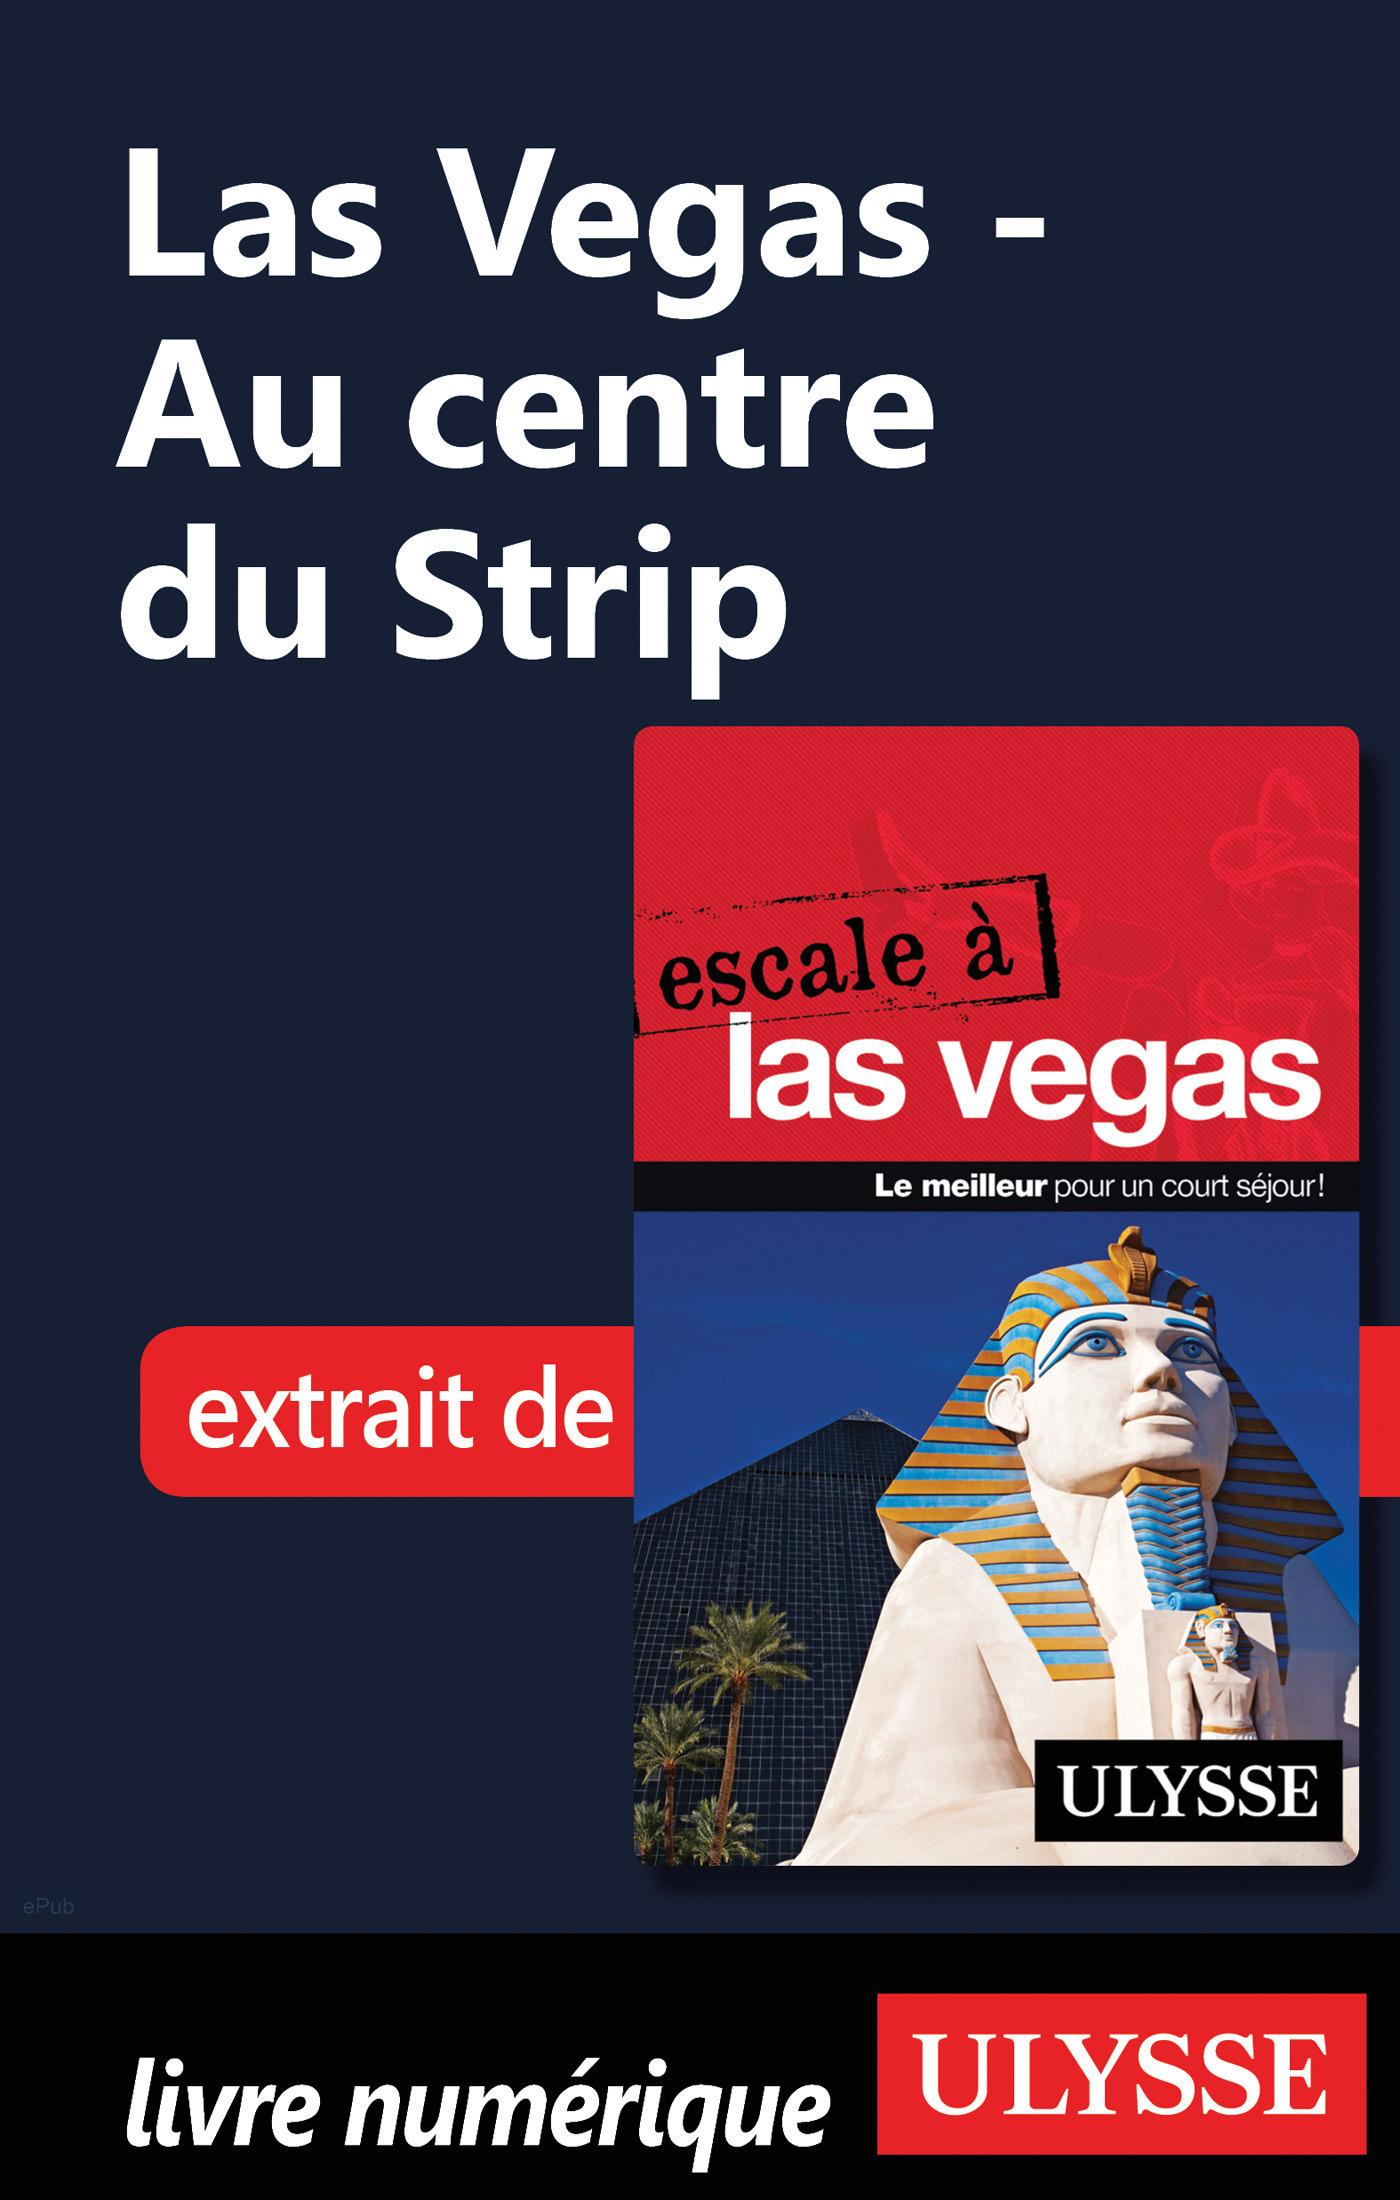 Las Vegas - Au centre du Strip